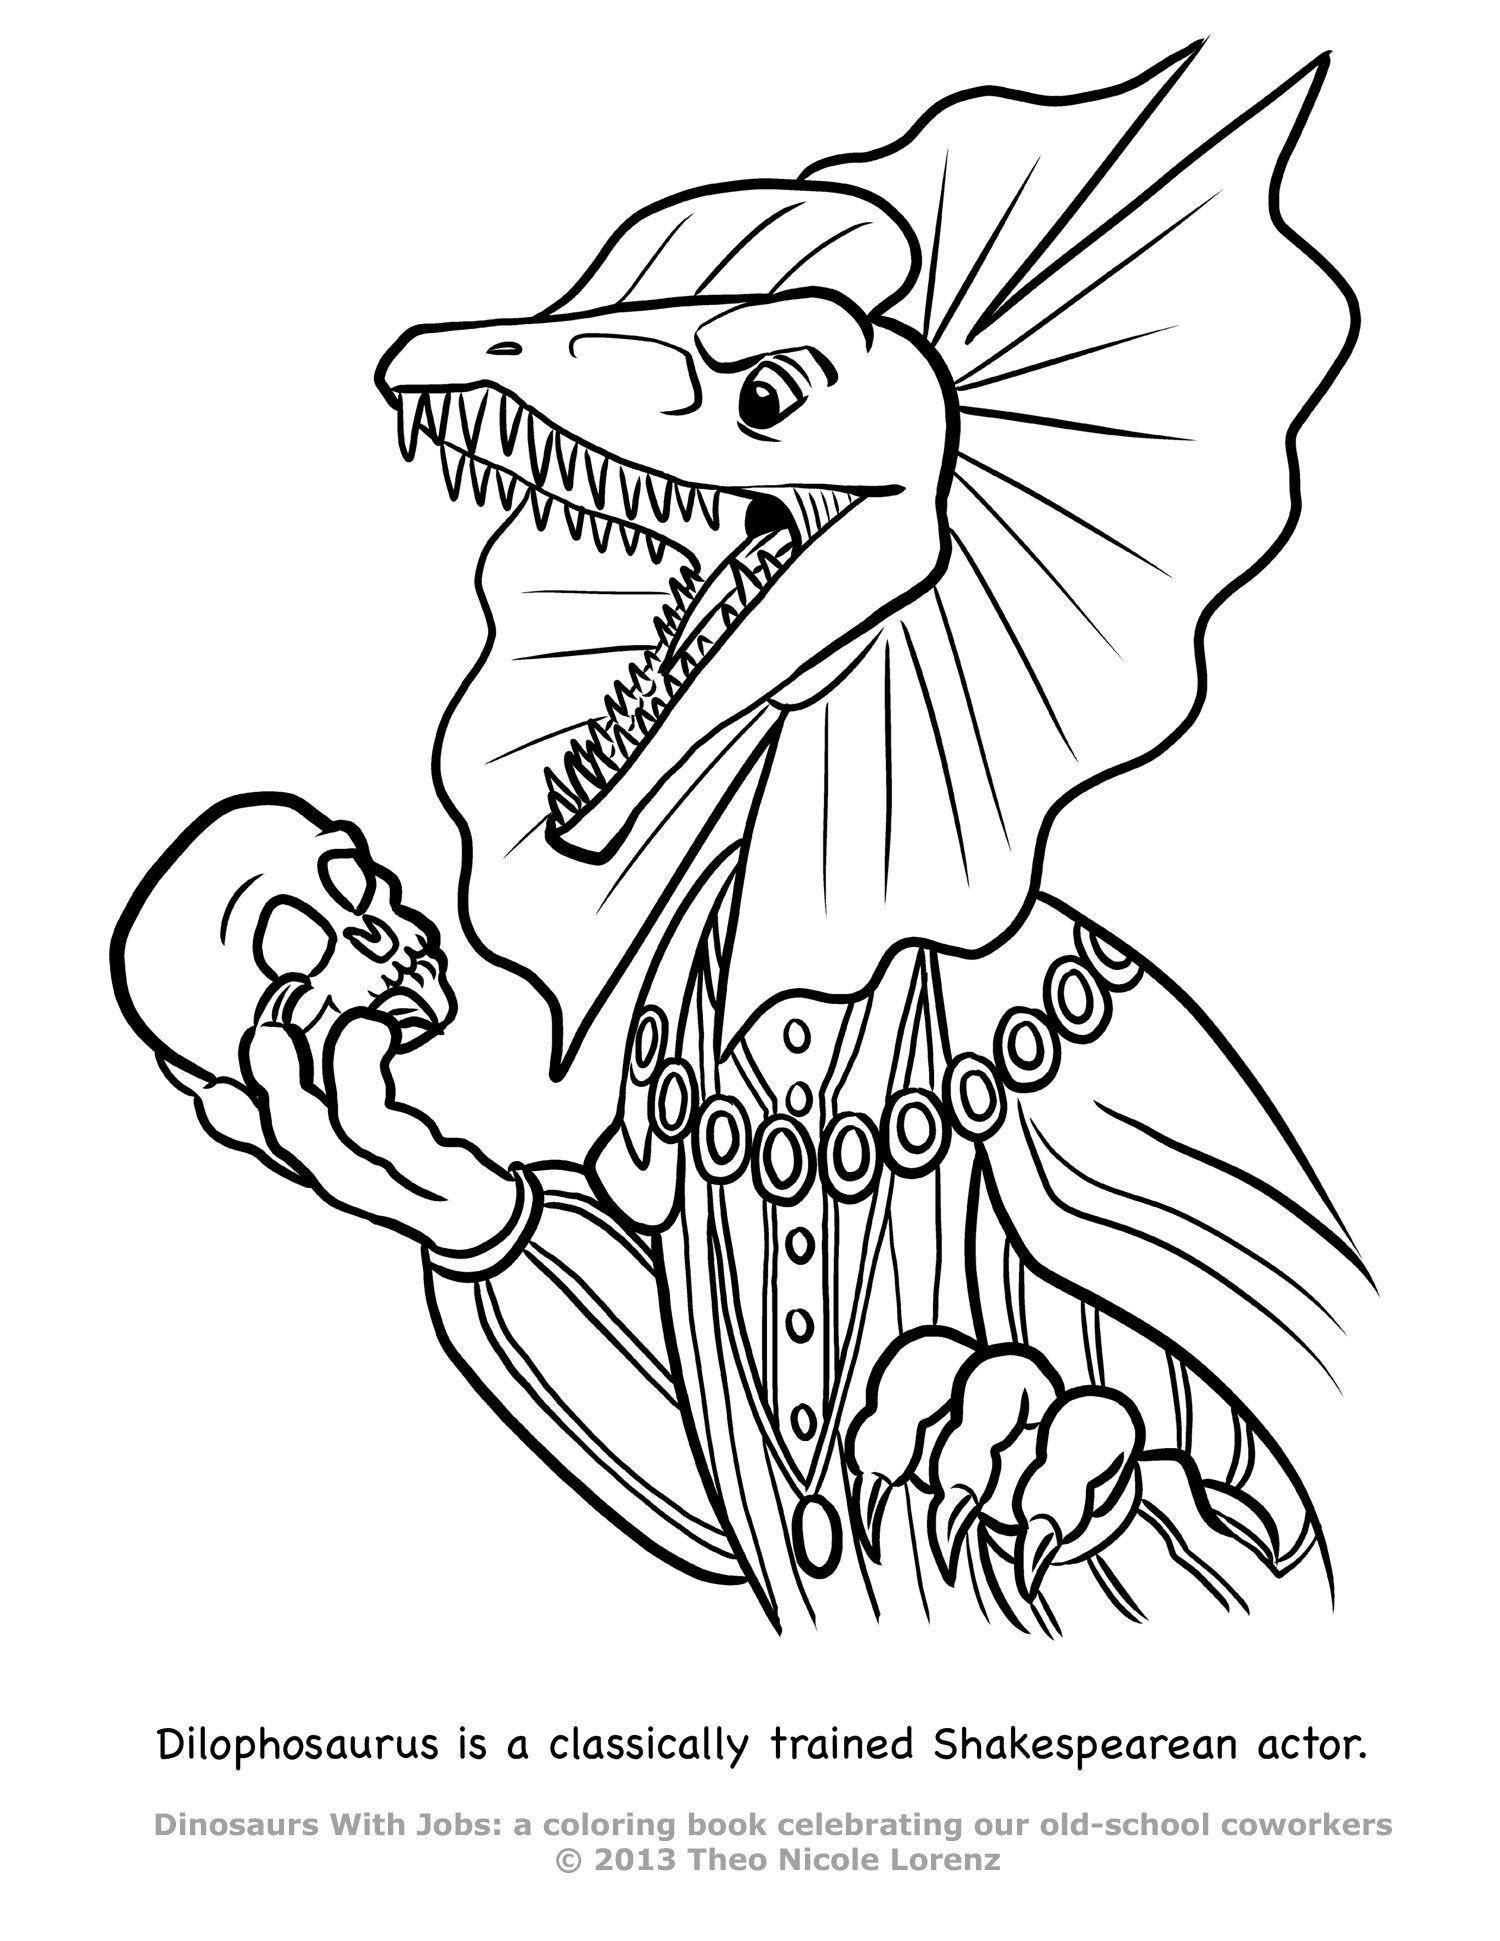 Dilophosaurus Coloring Page : dilophosaurus, coloring, DWJ-dilophosaurus.jpg, (1500×1941), Coloring, Books,, Animal, Books